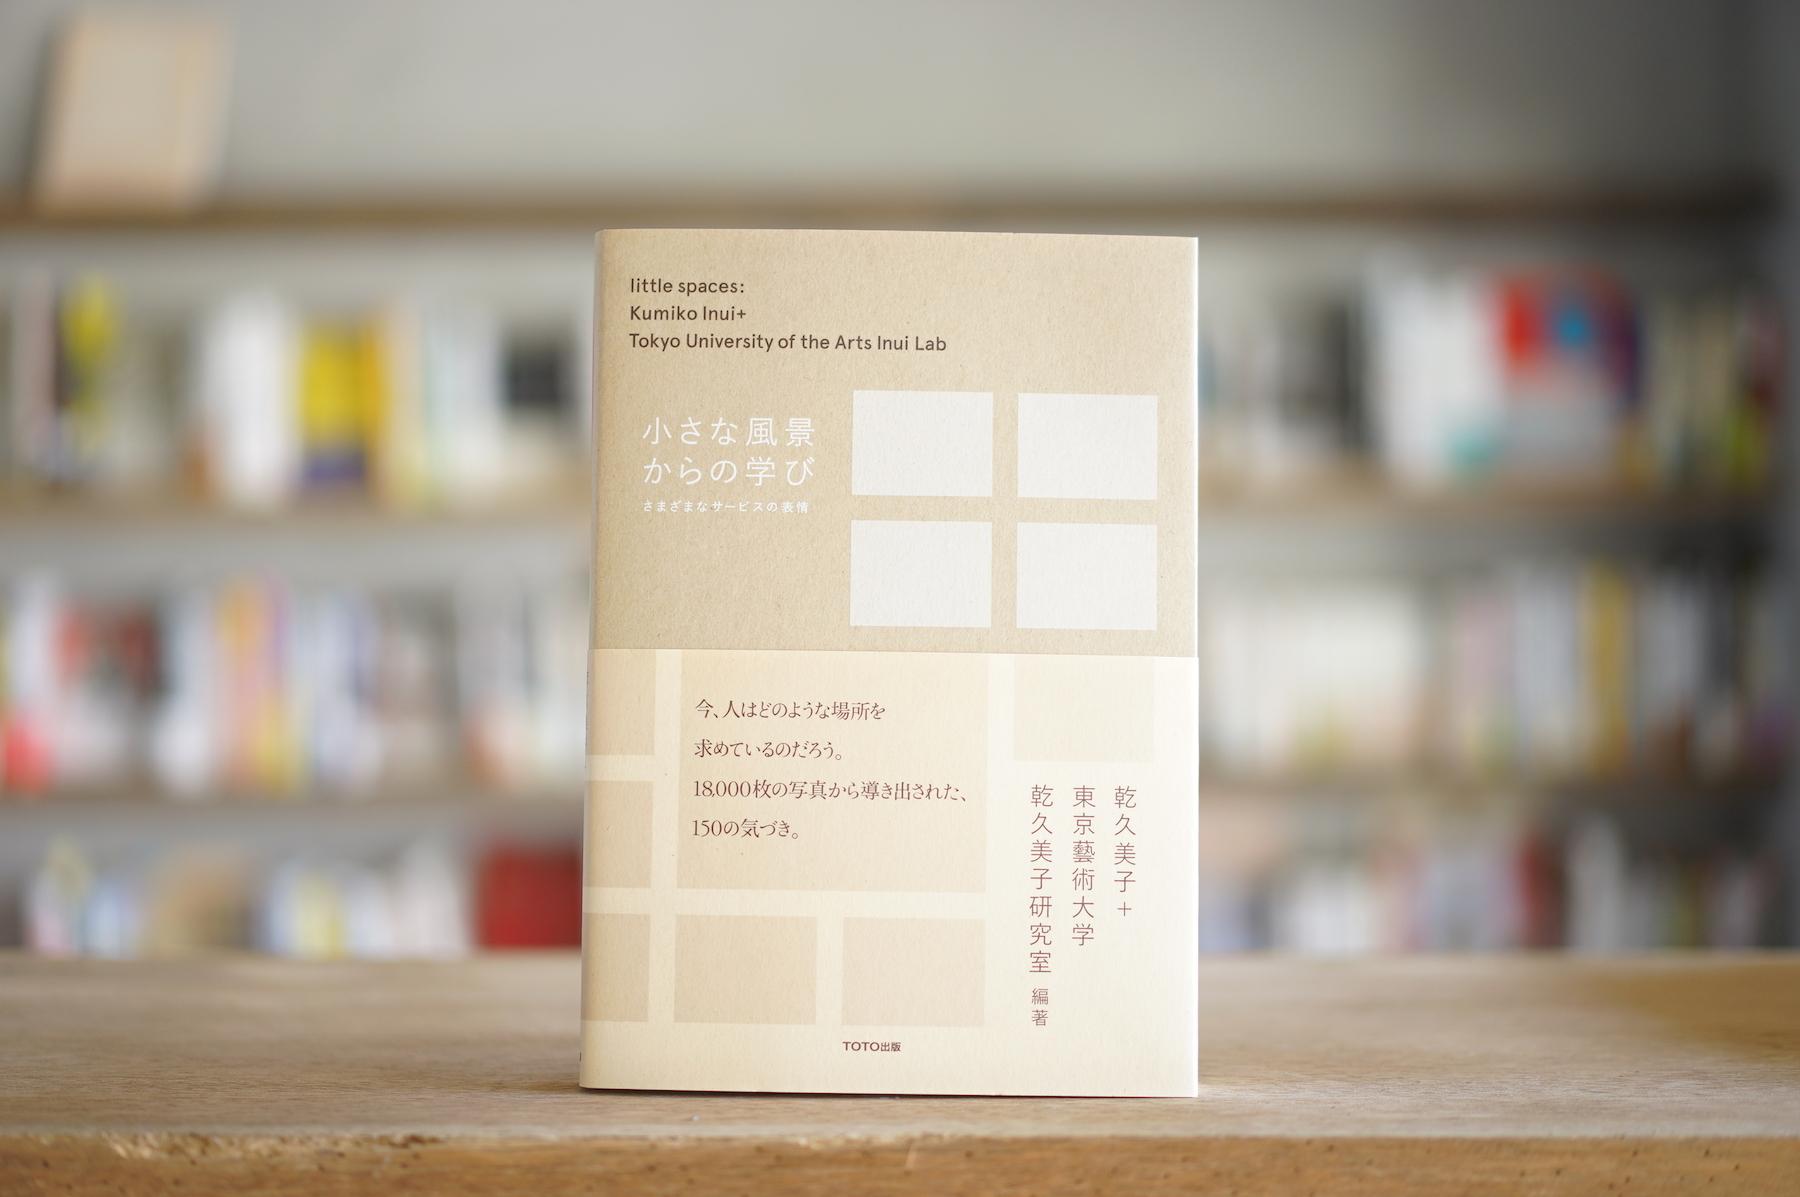 乾久美子 +東京藝術大学 乾久美子研究室 『小さな風景からの学び さまざまなサービスの表情』 (TOTO出版、2014)